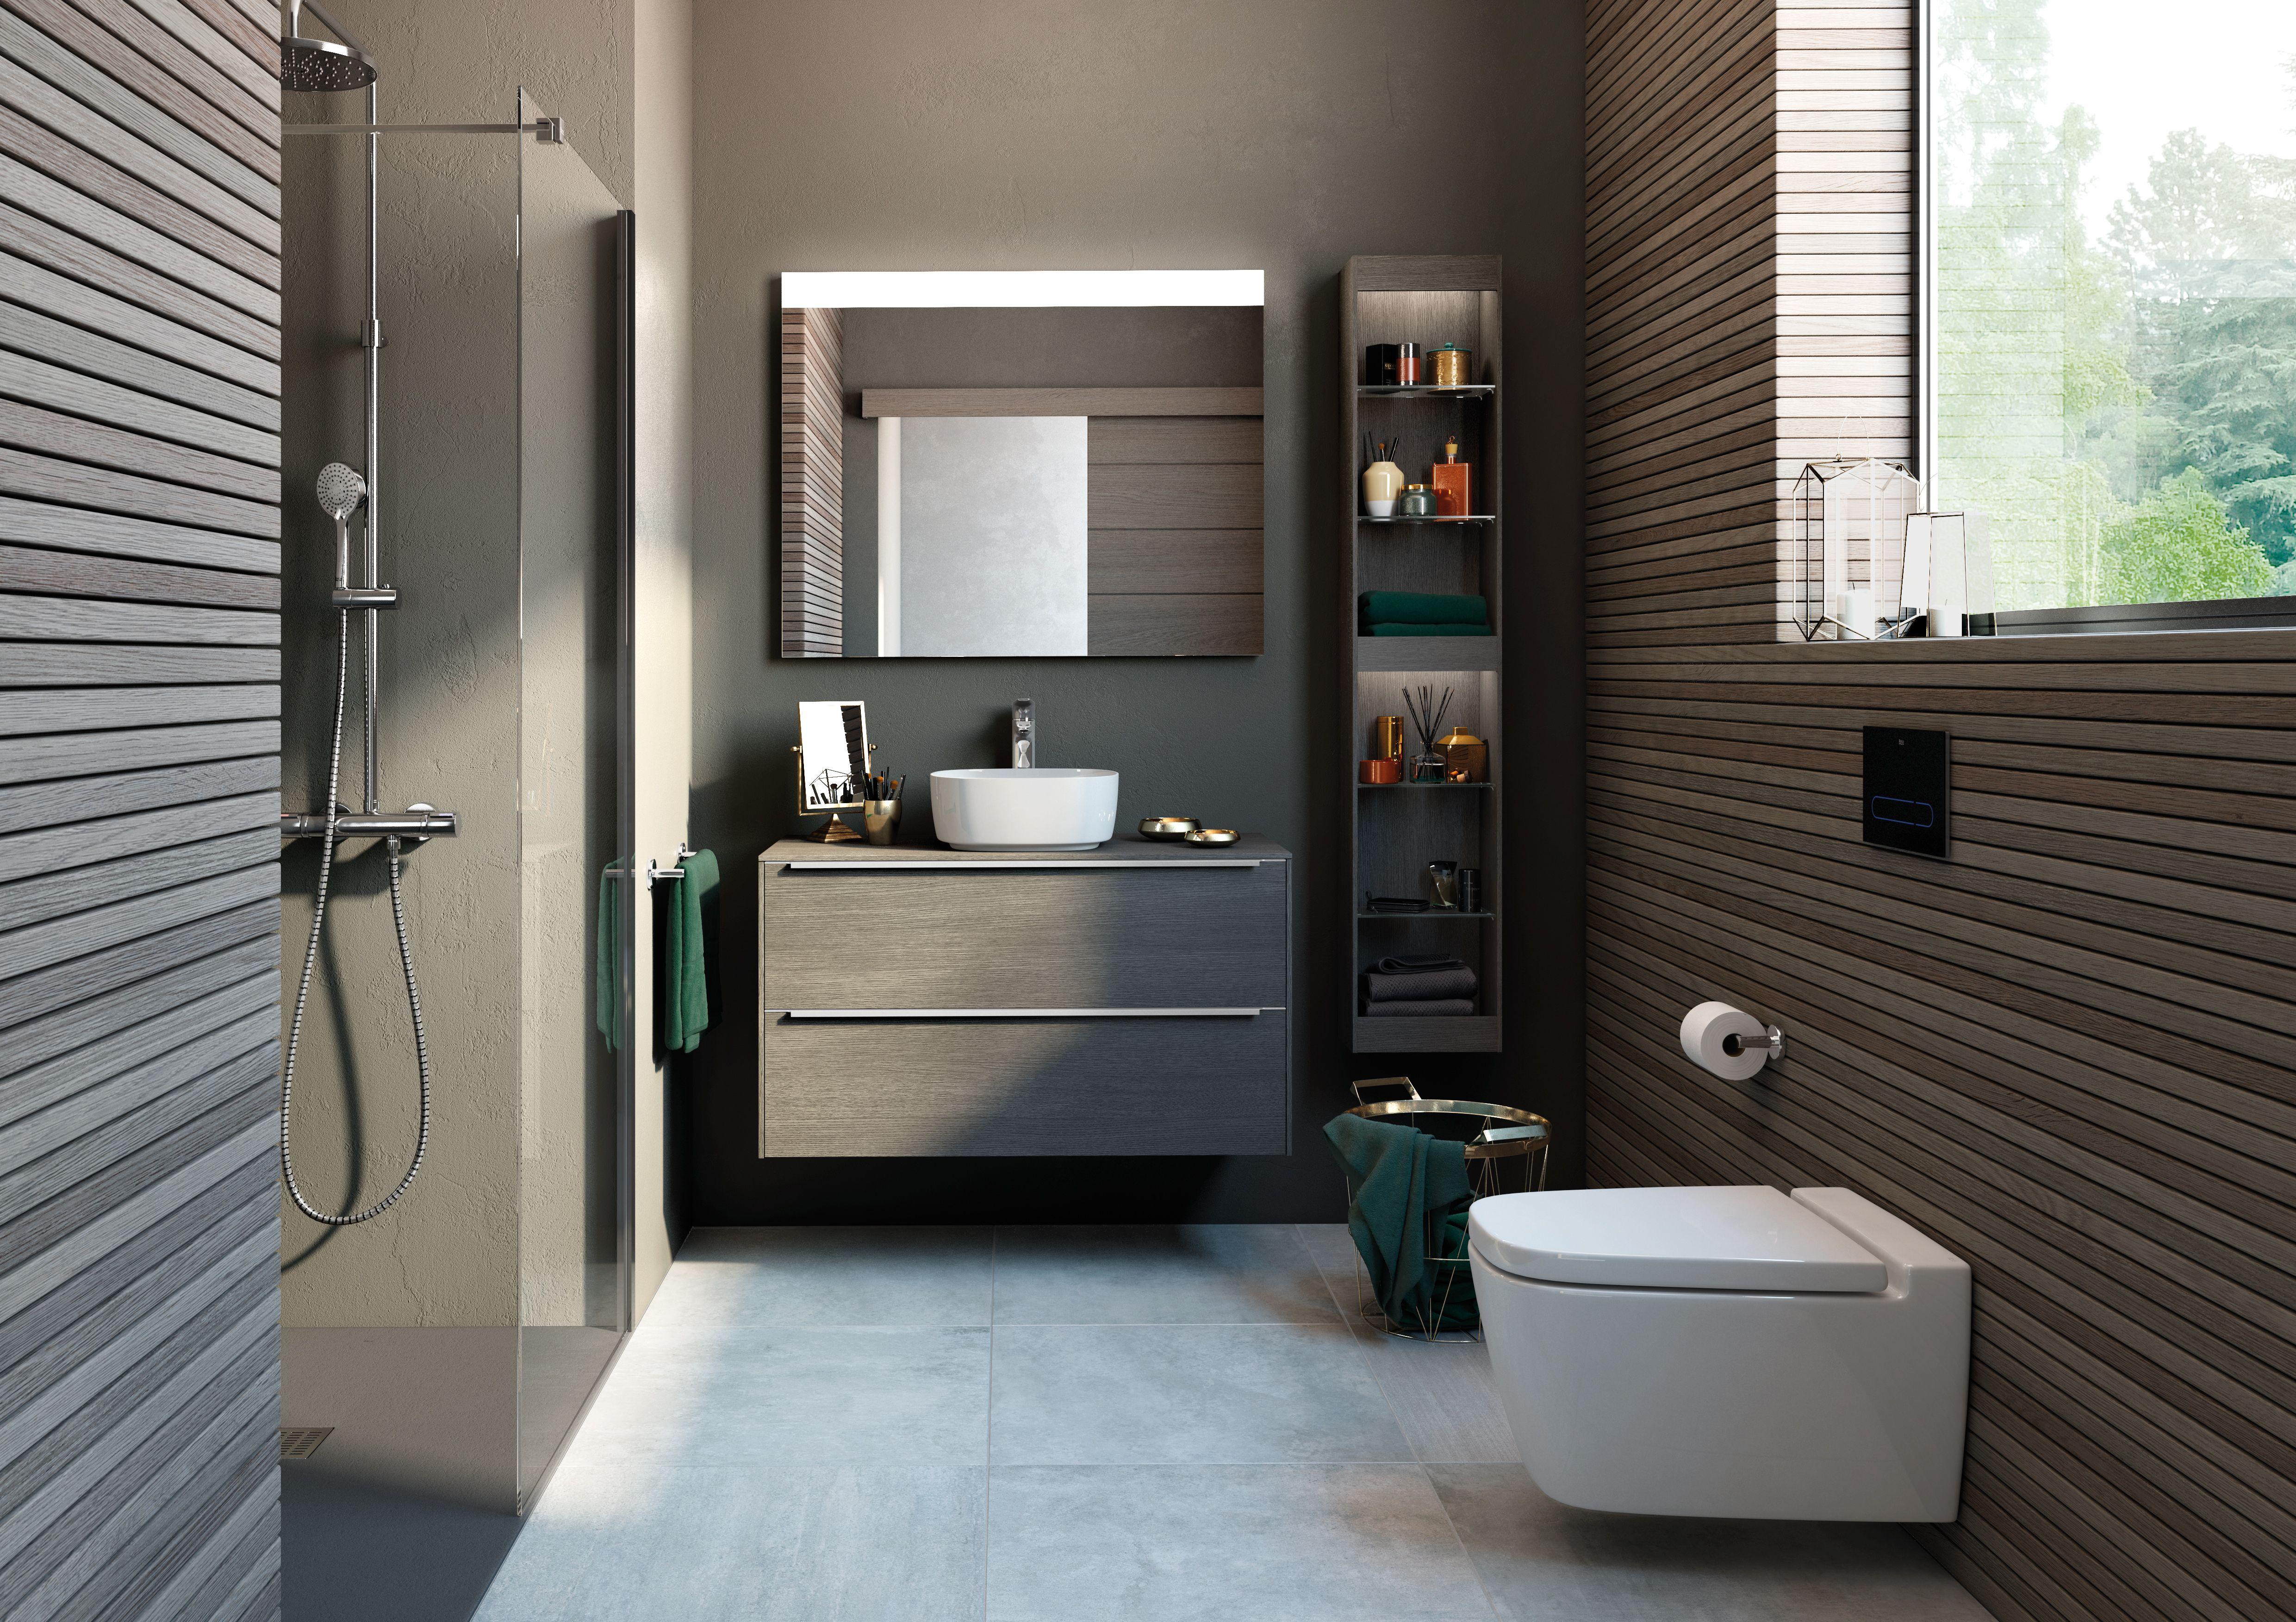 Inspira de roca nouvelle salle de bain sanitaires en for Meuble wc